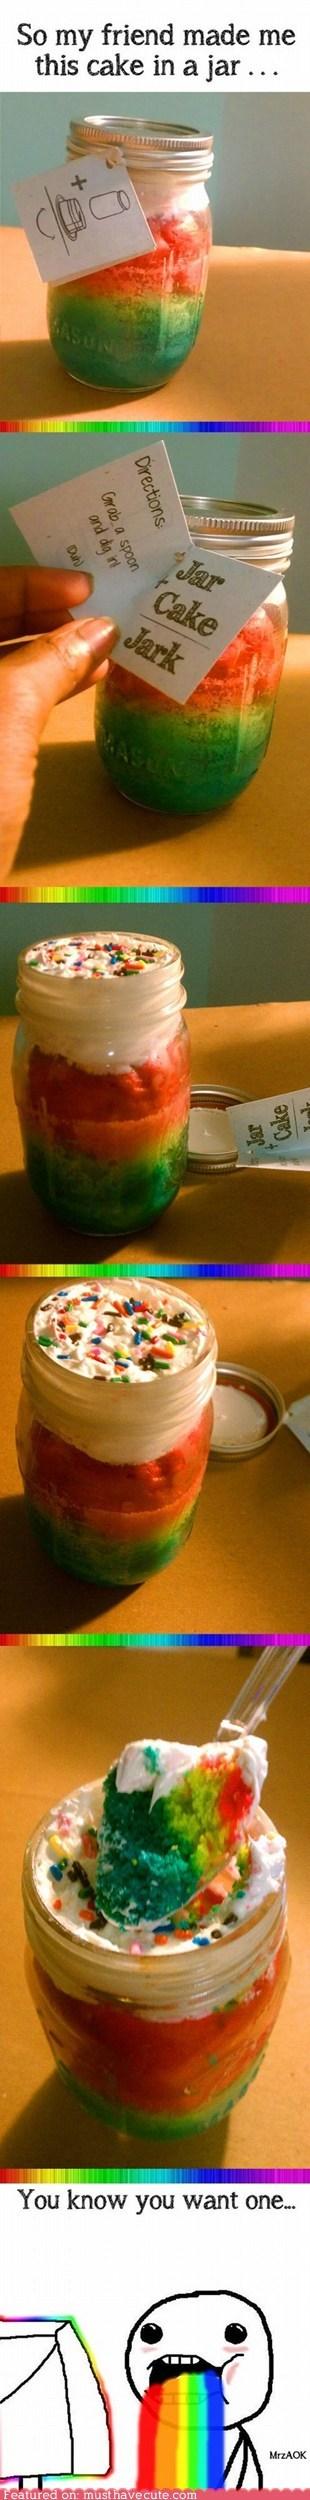 cake epicute gift jar jark rainbow - 5944406016